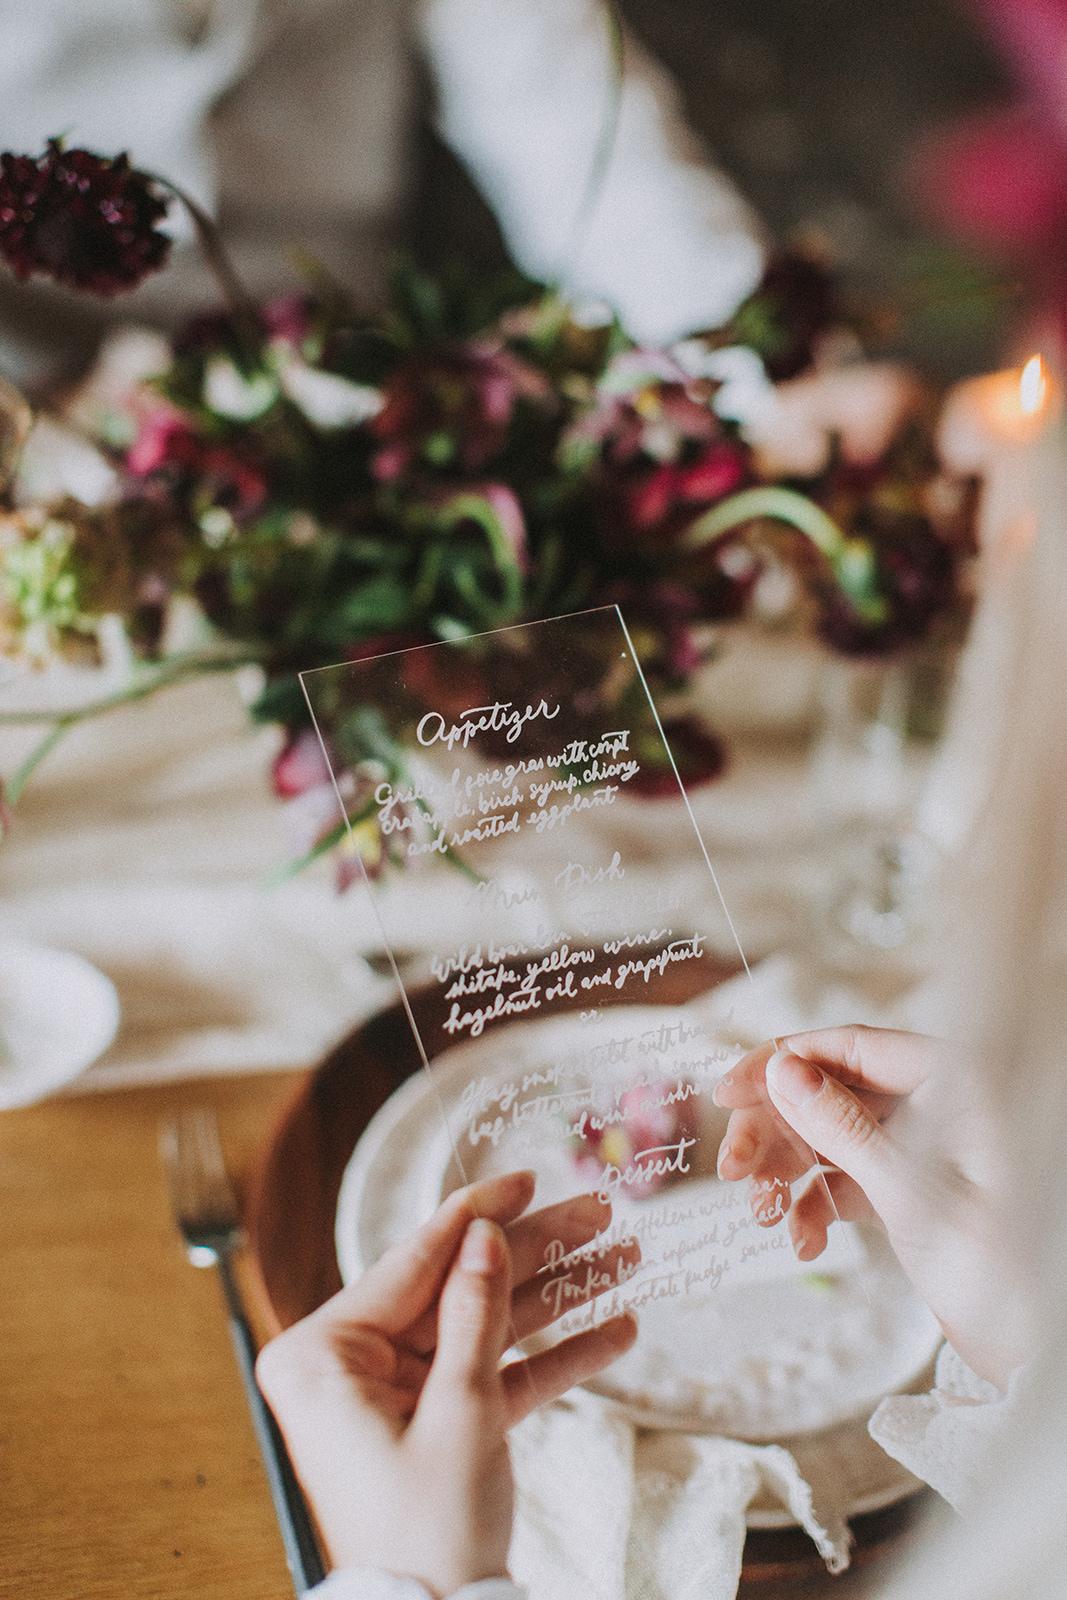 Menükarte Acryl, Hochzeitskarten Acrly, Hochzeitspapeterie Acryl, Hochzeitstrends 2018